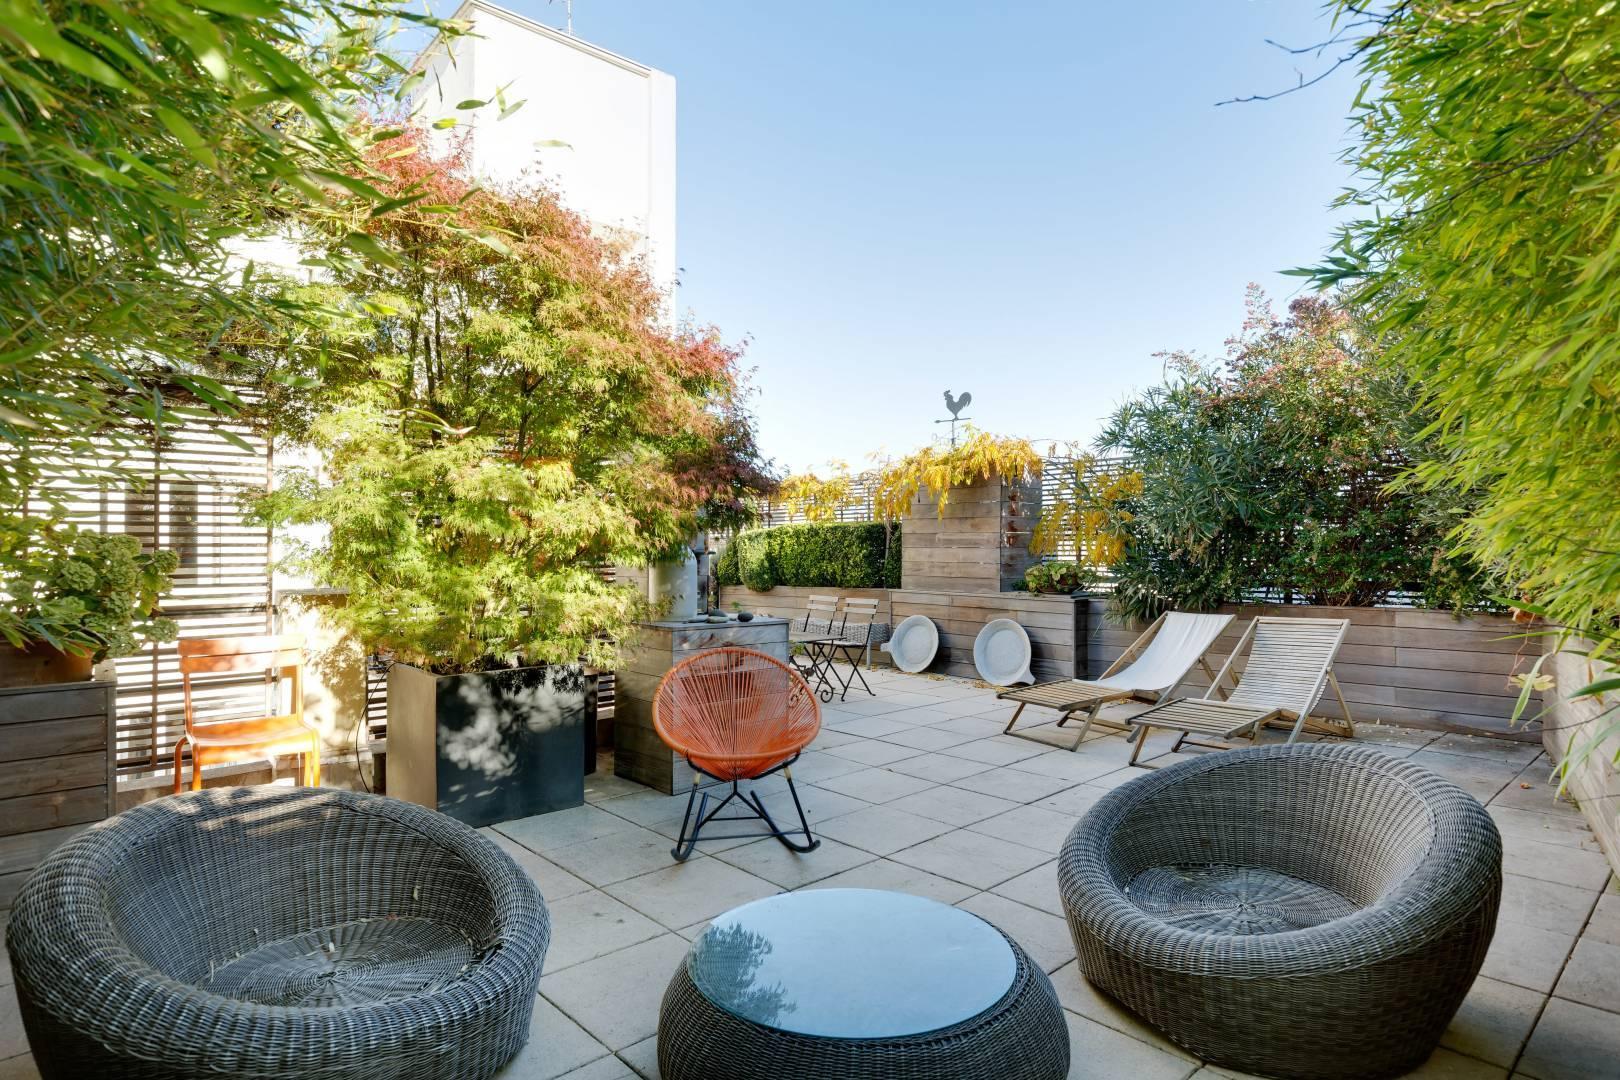 Immobilier - Premier semestre record pour les ventes d'appartements parisiens des beaux quartiers